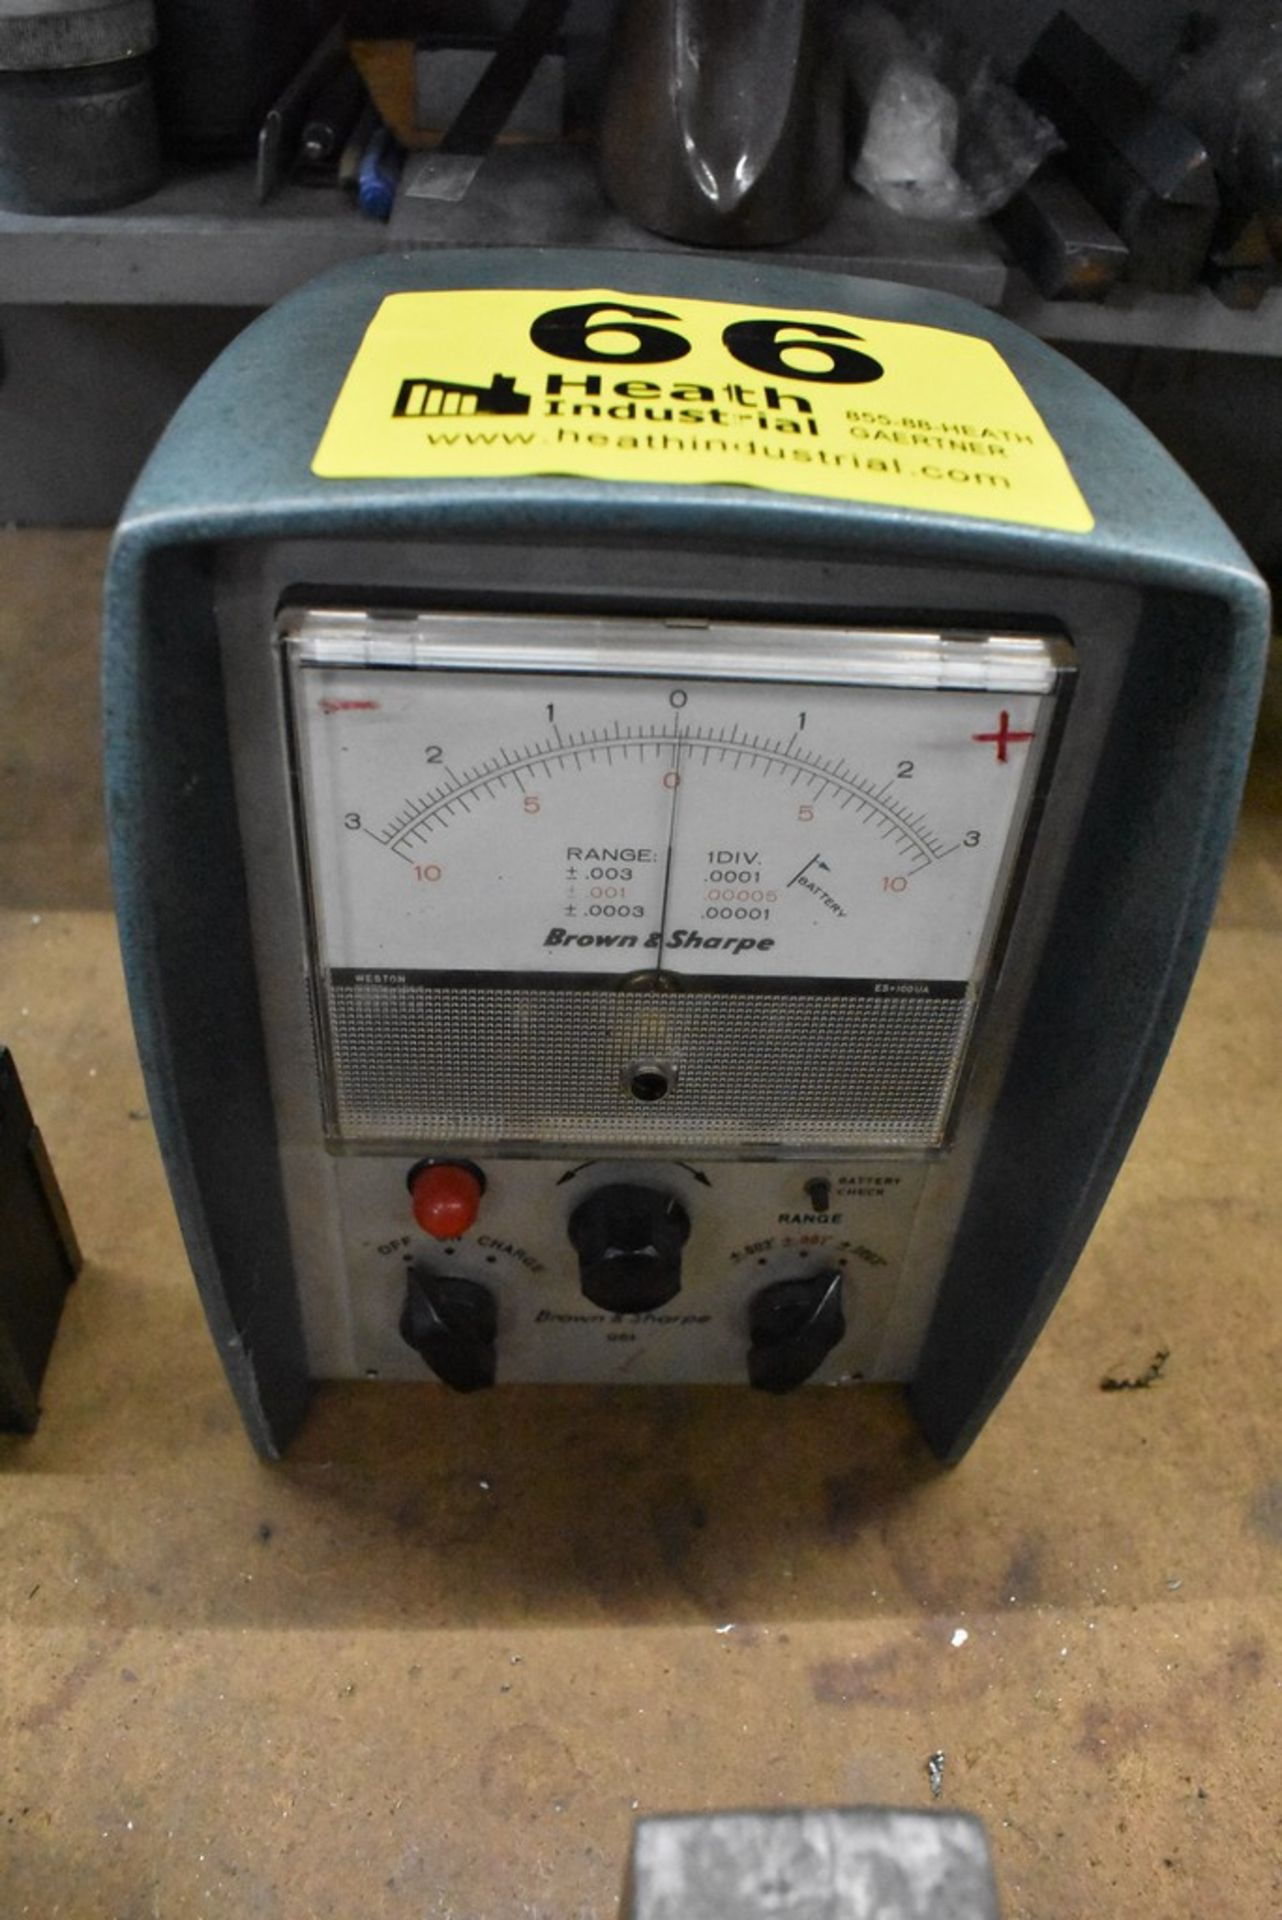 BROWN & SHARPE NO. 96L TEST GAGE